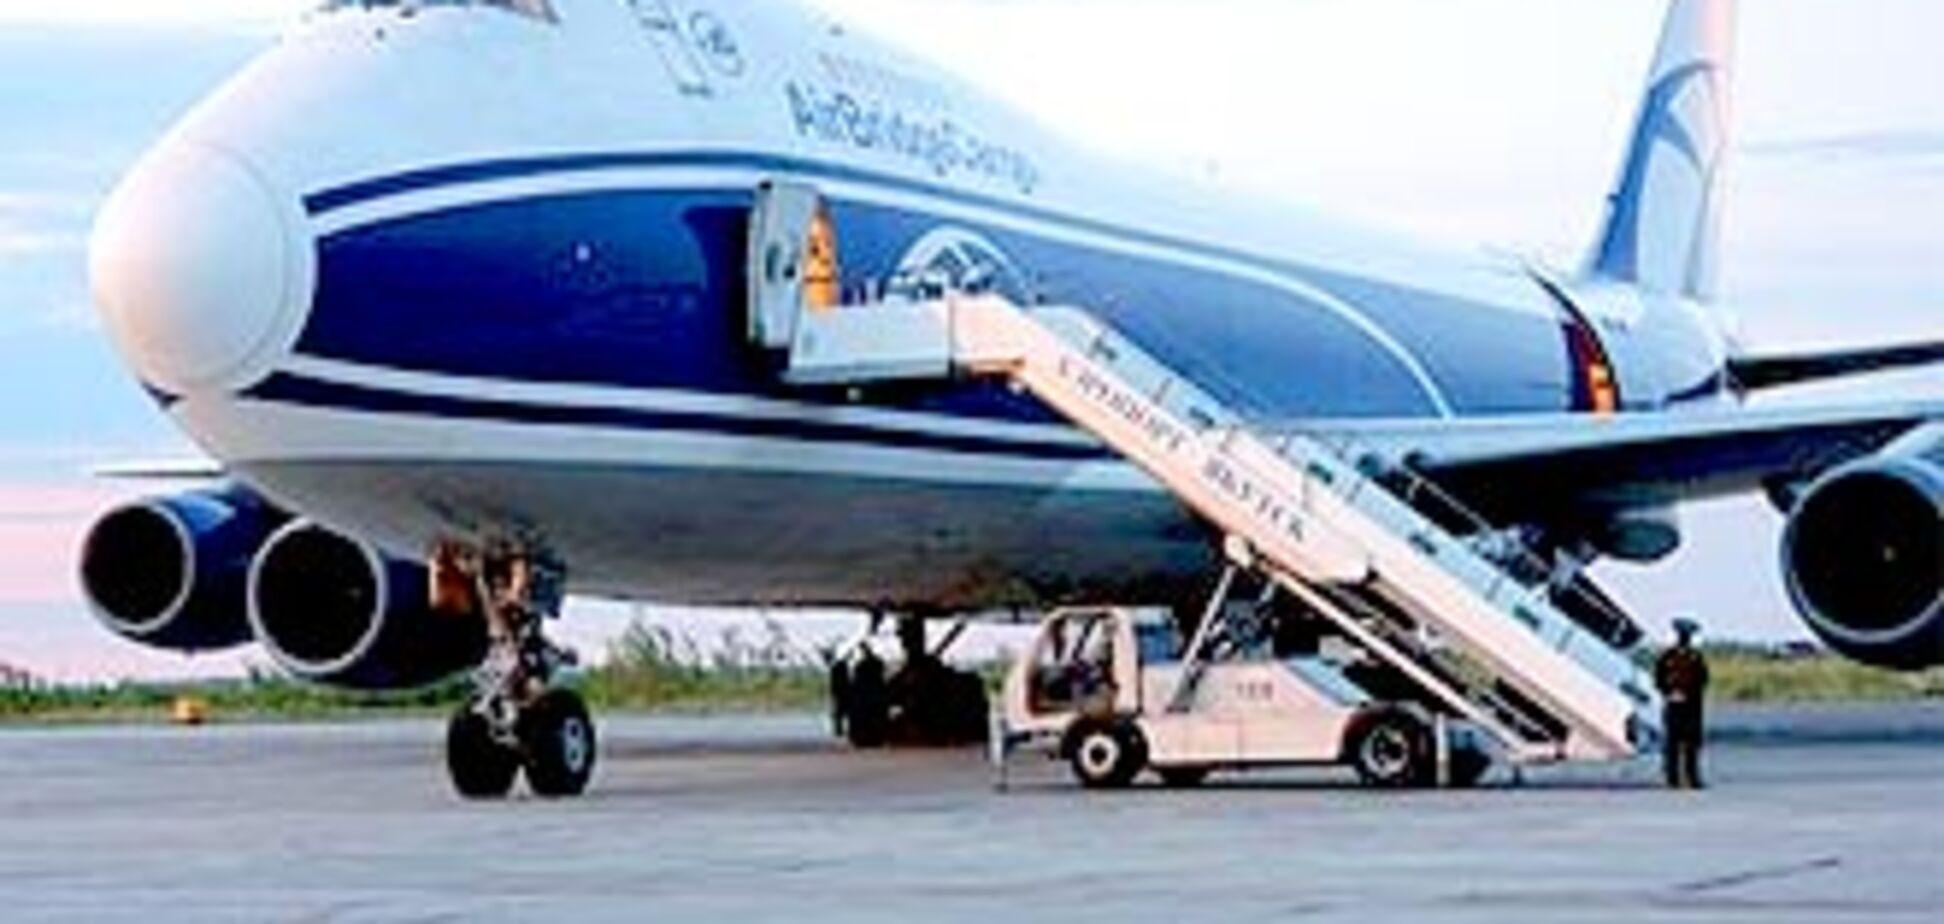 Над Москвою літає аварійний 'Боїнг'. Посадка переноситься